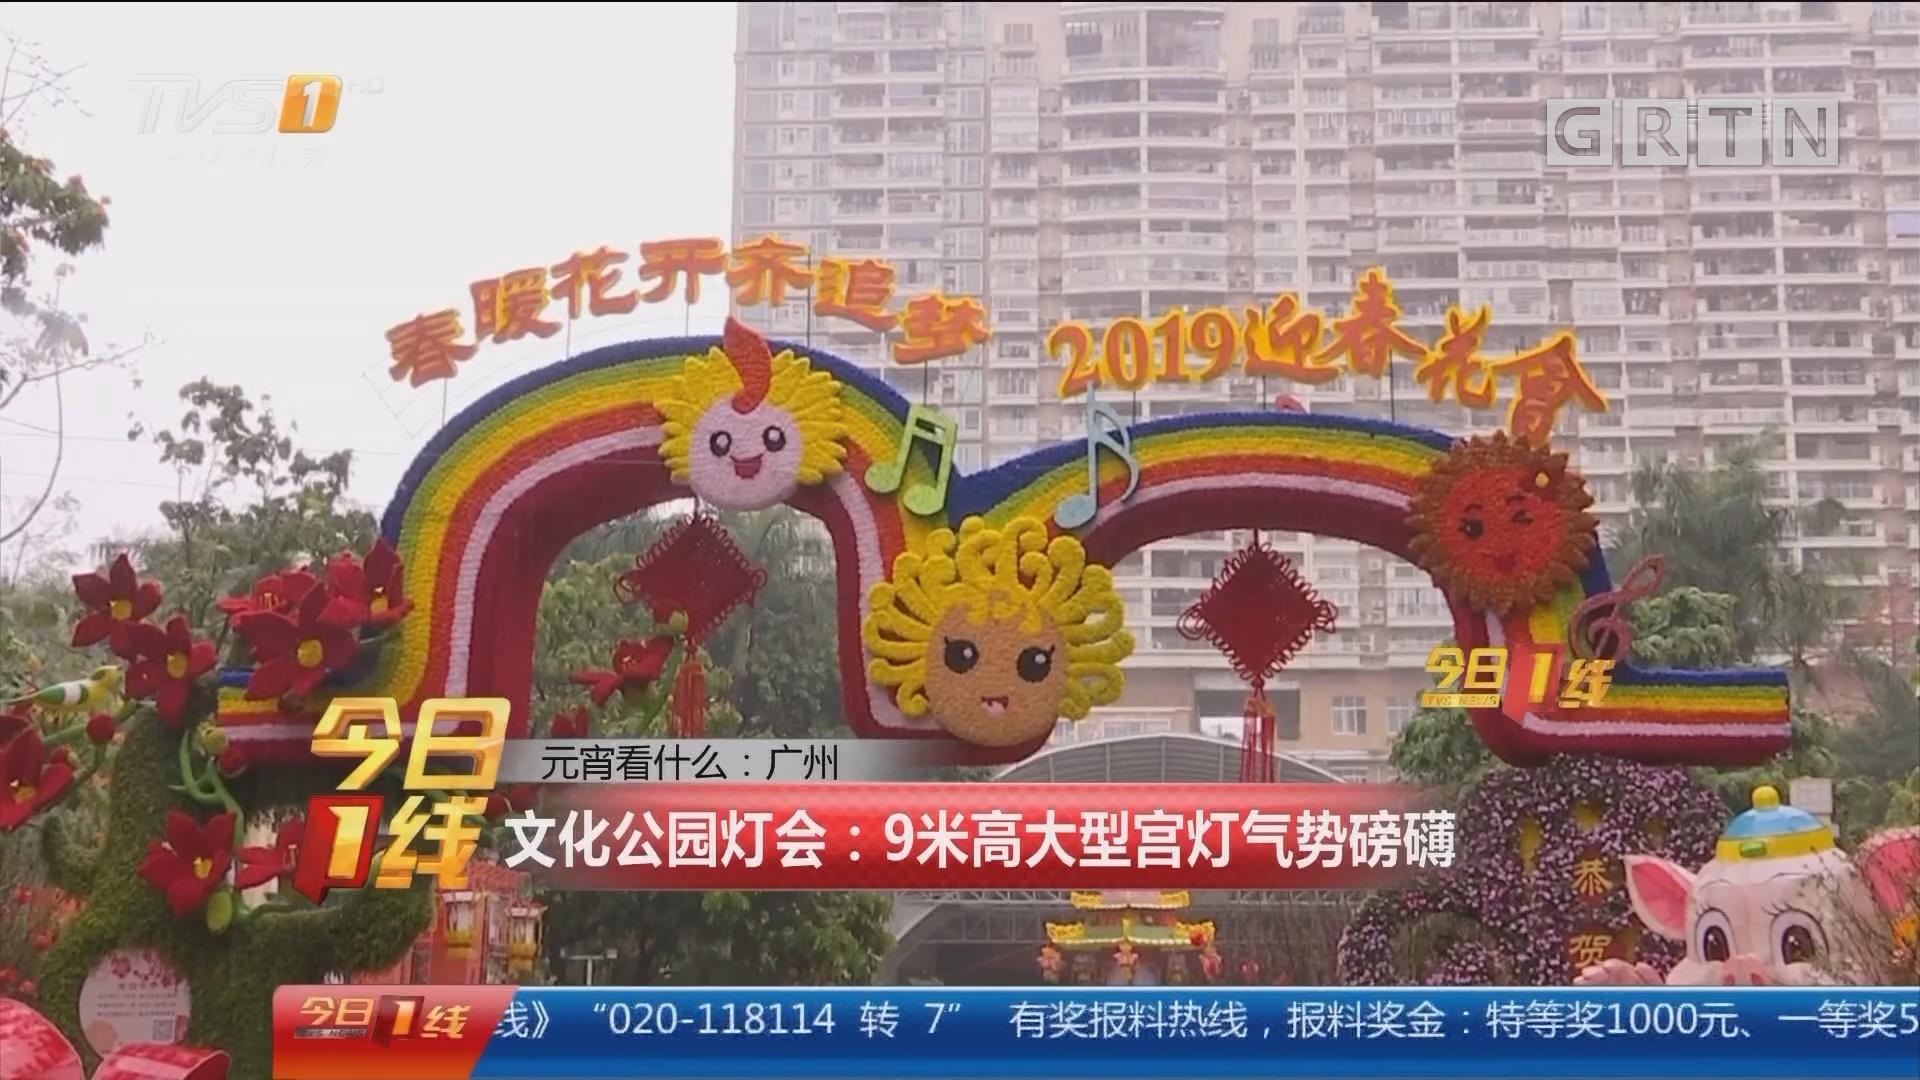 元宵看什么:广州 文化公园灯会:9米高大型宫灯气势磅礴